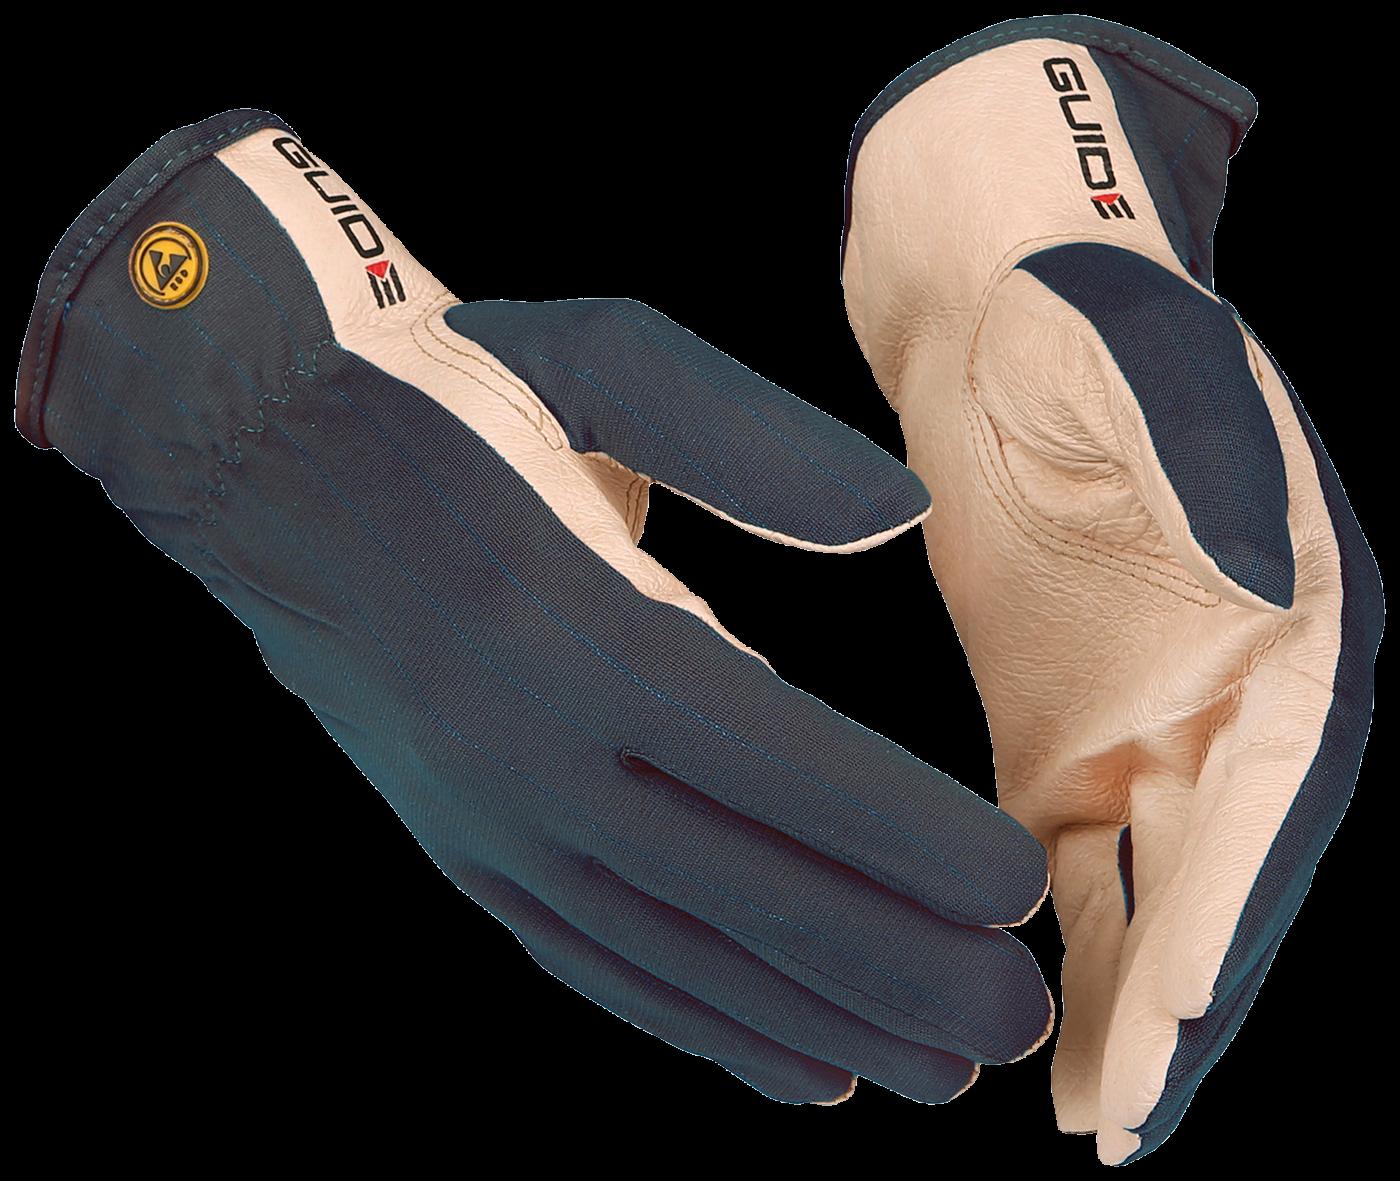 ESD glove GUIDE 58